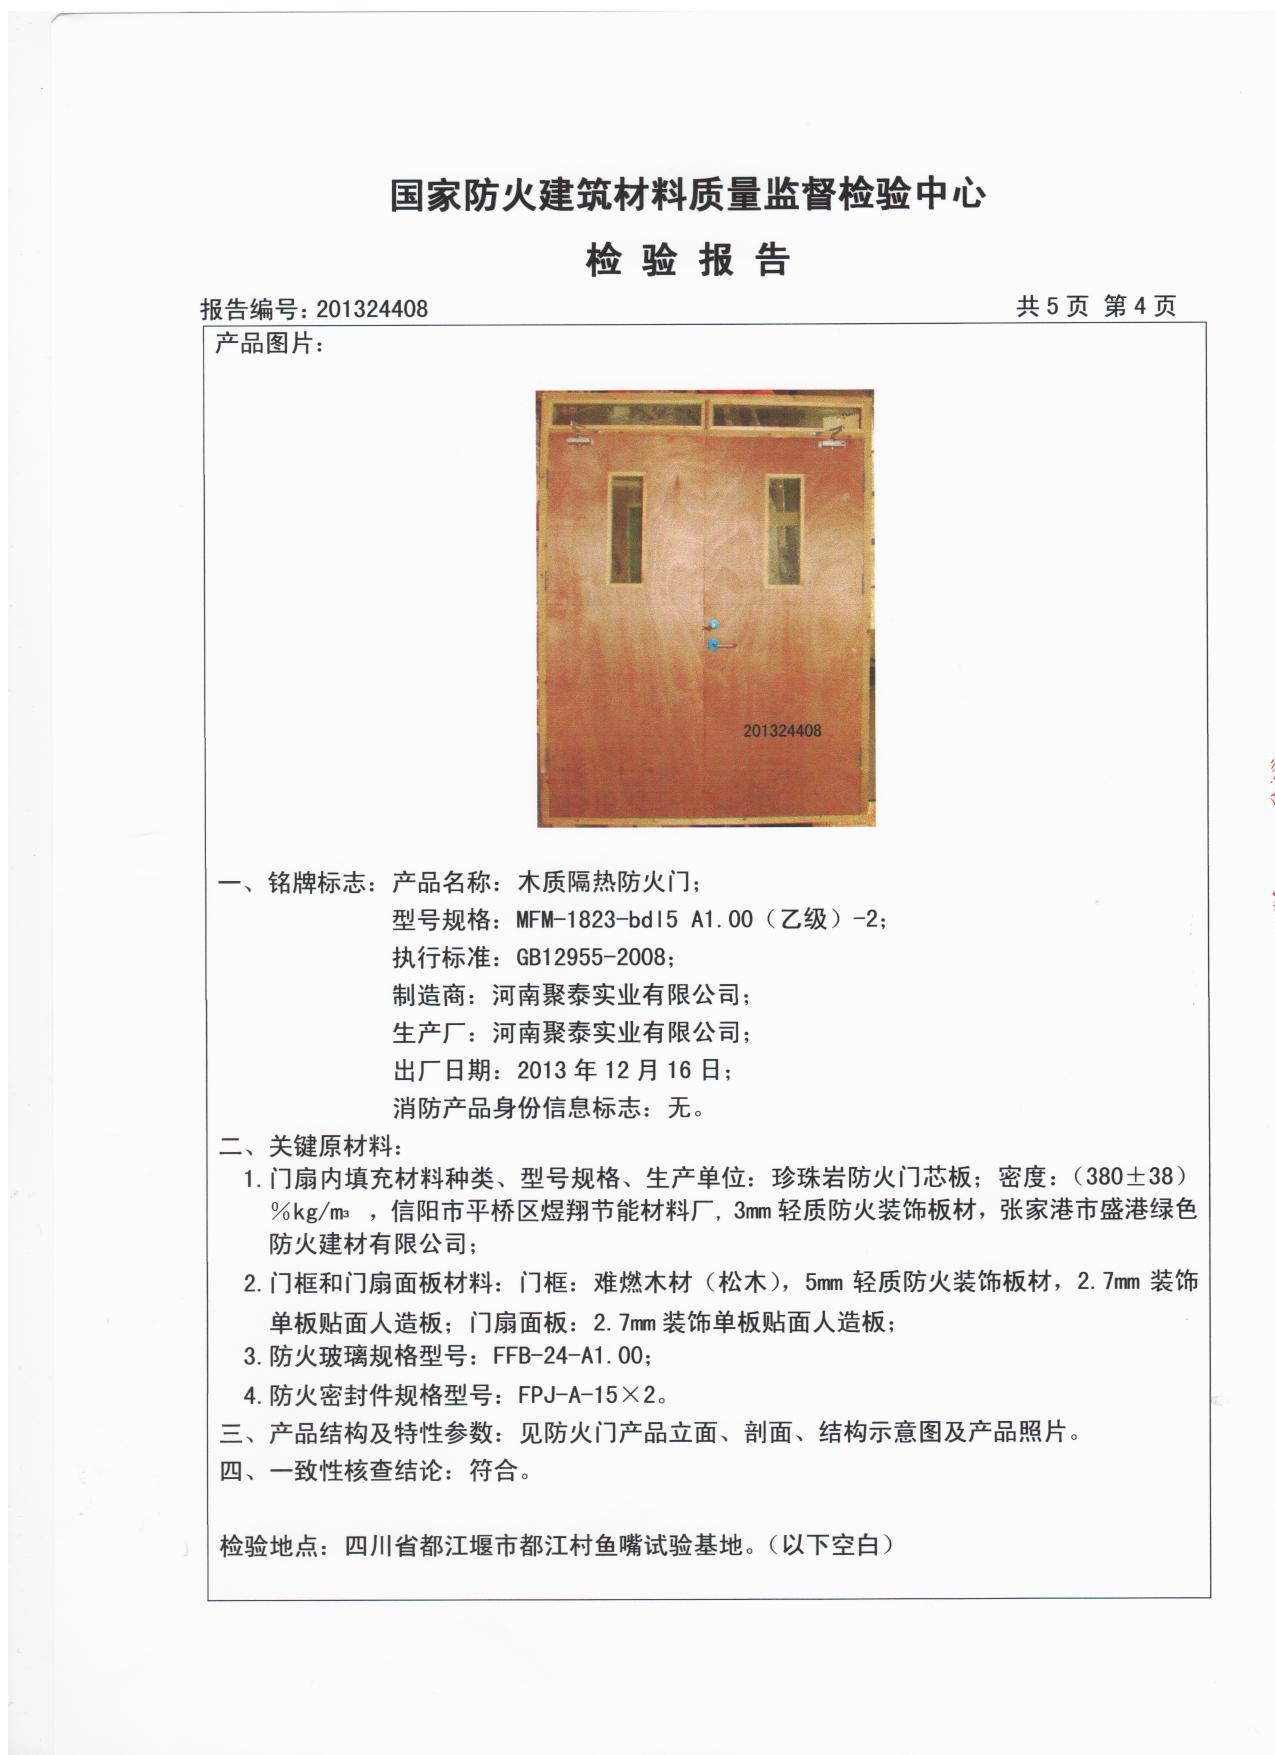 木質防火門乙-2證書